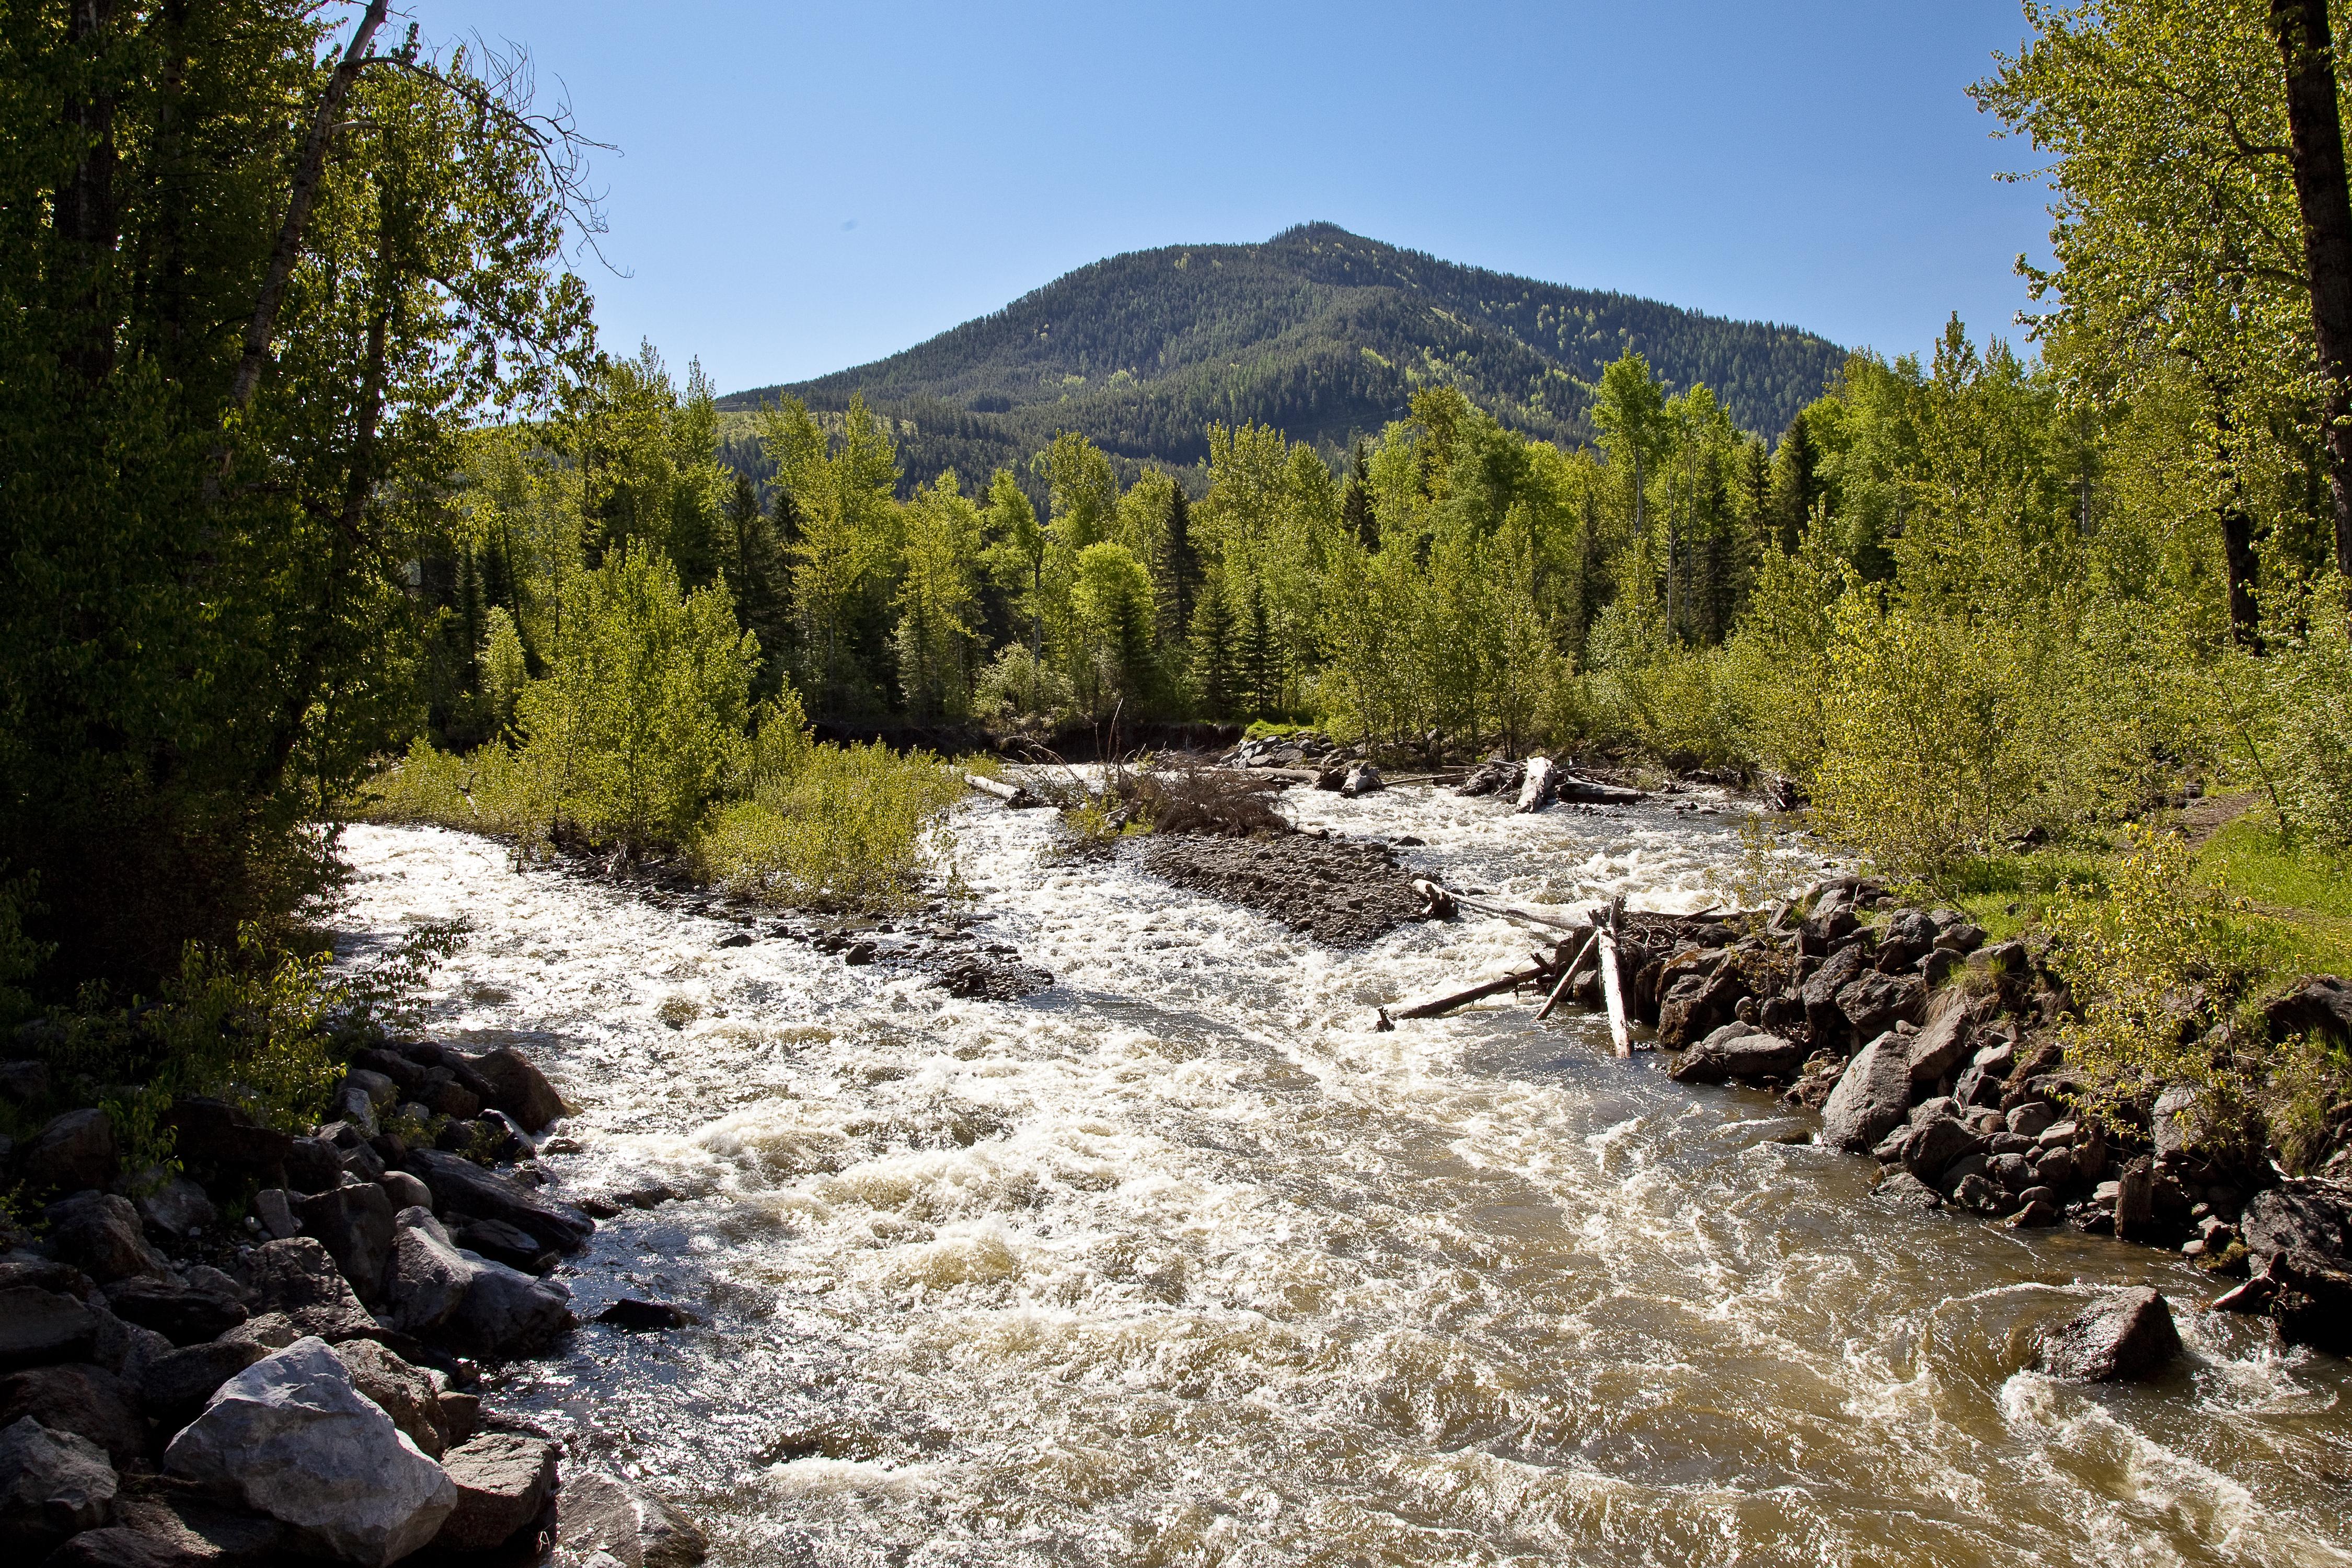 Montane Creek